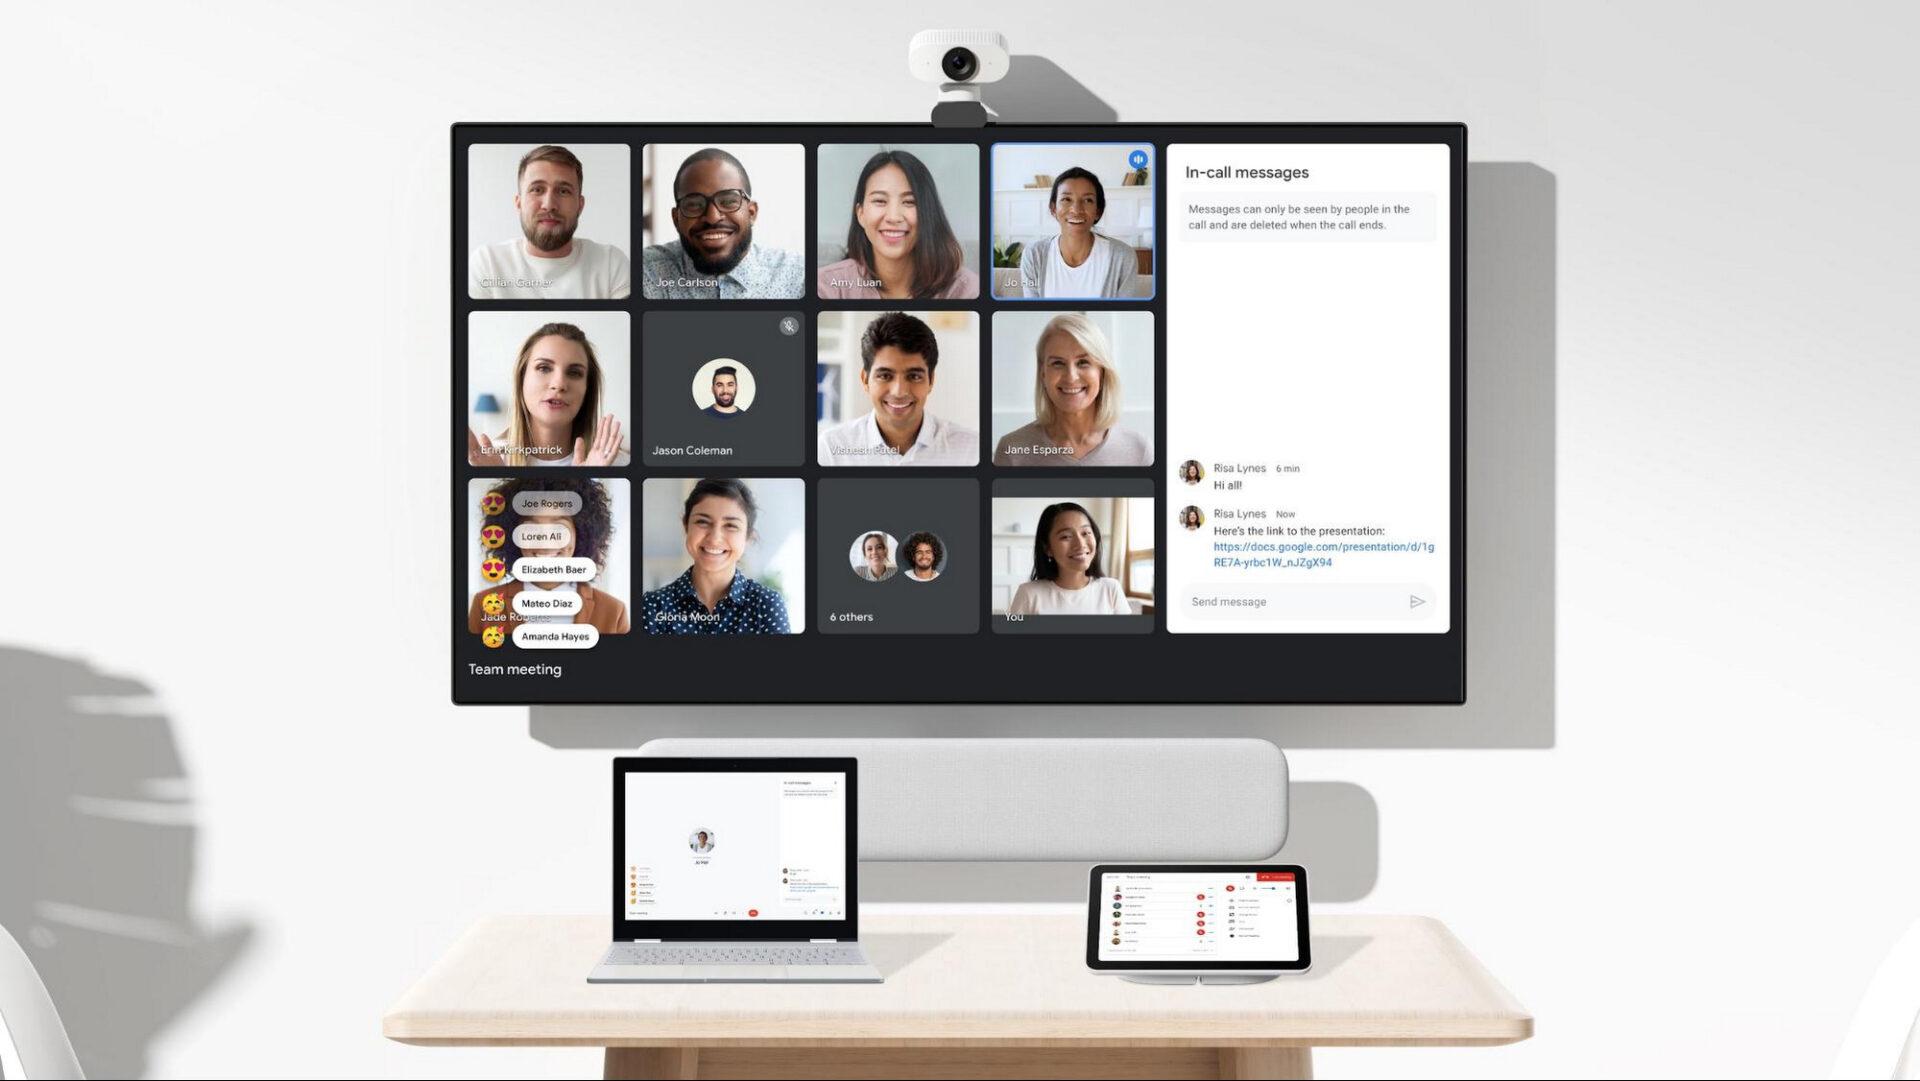 Google met fin aux « appels illimités » en visio de groupe sur Meet